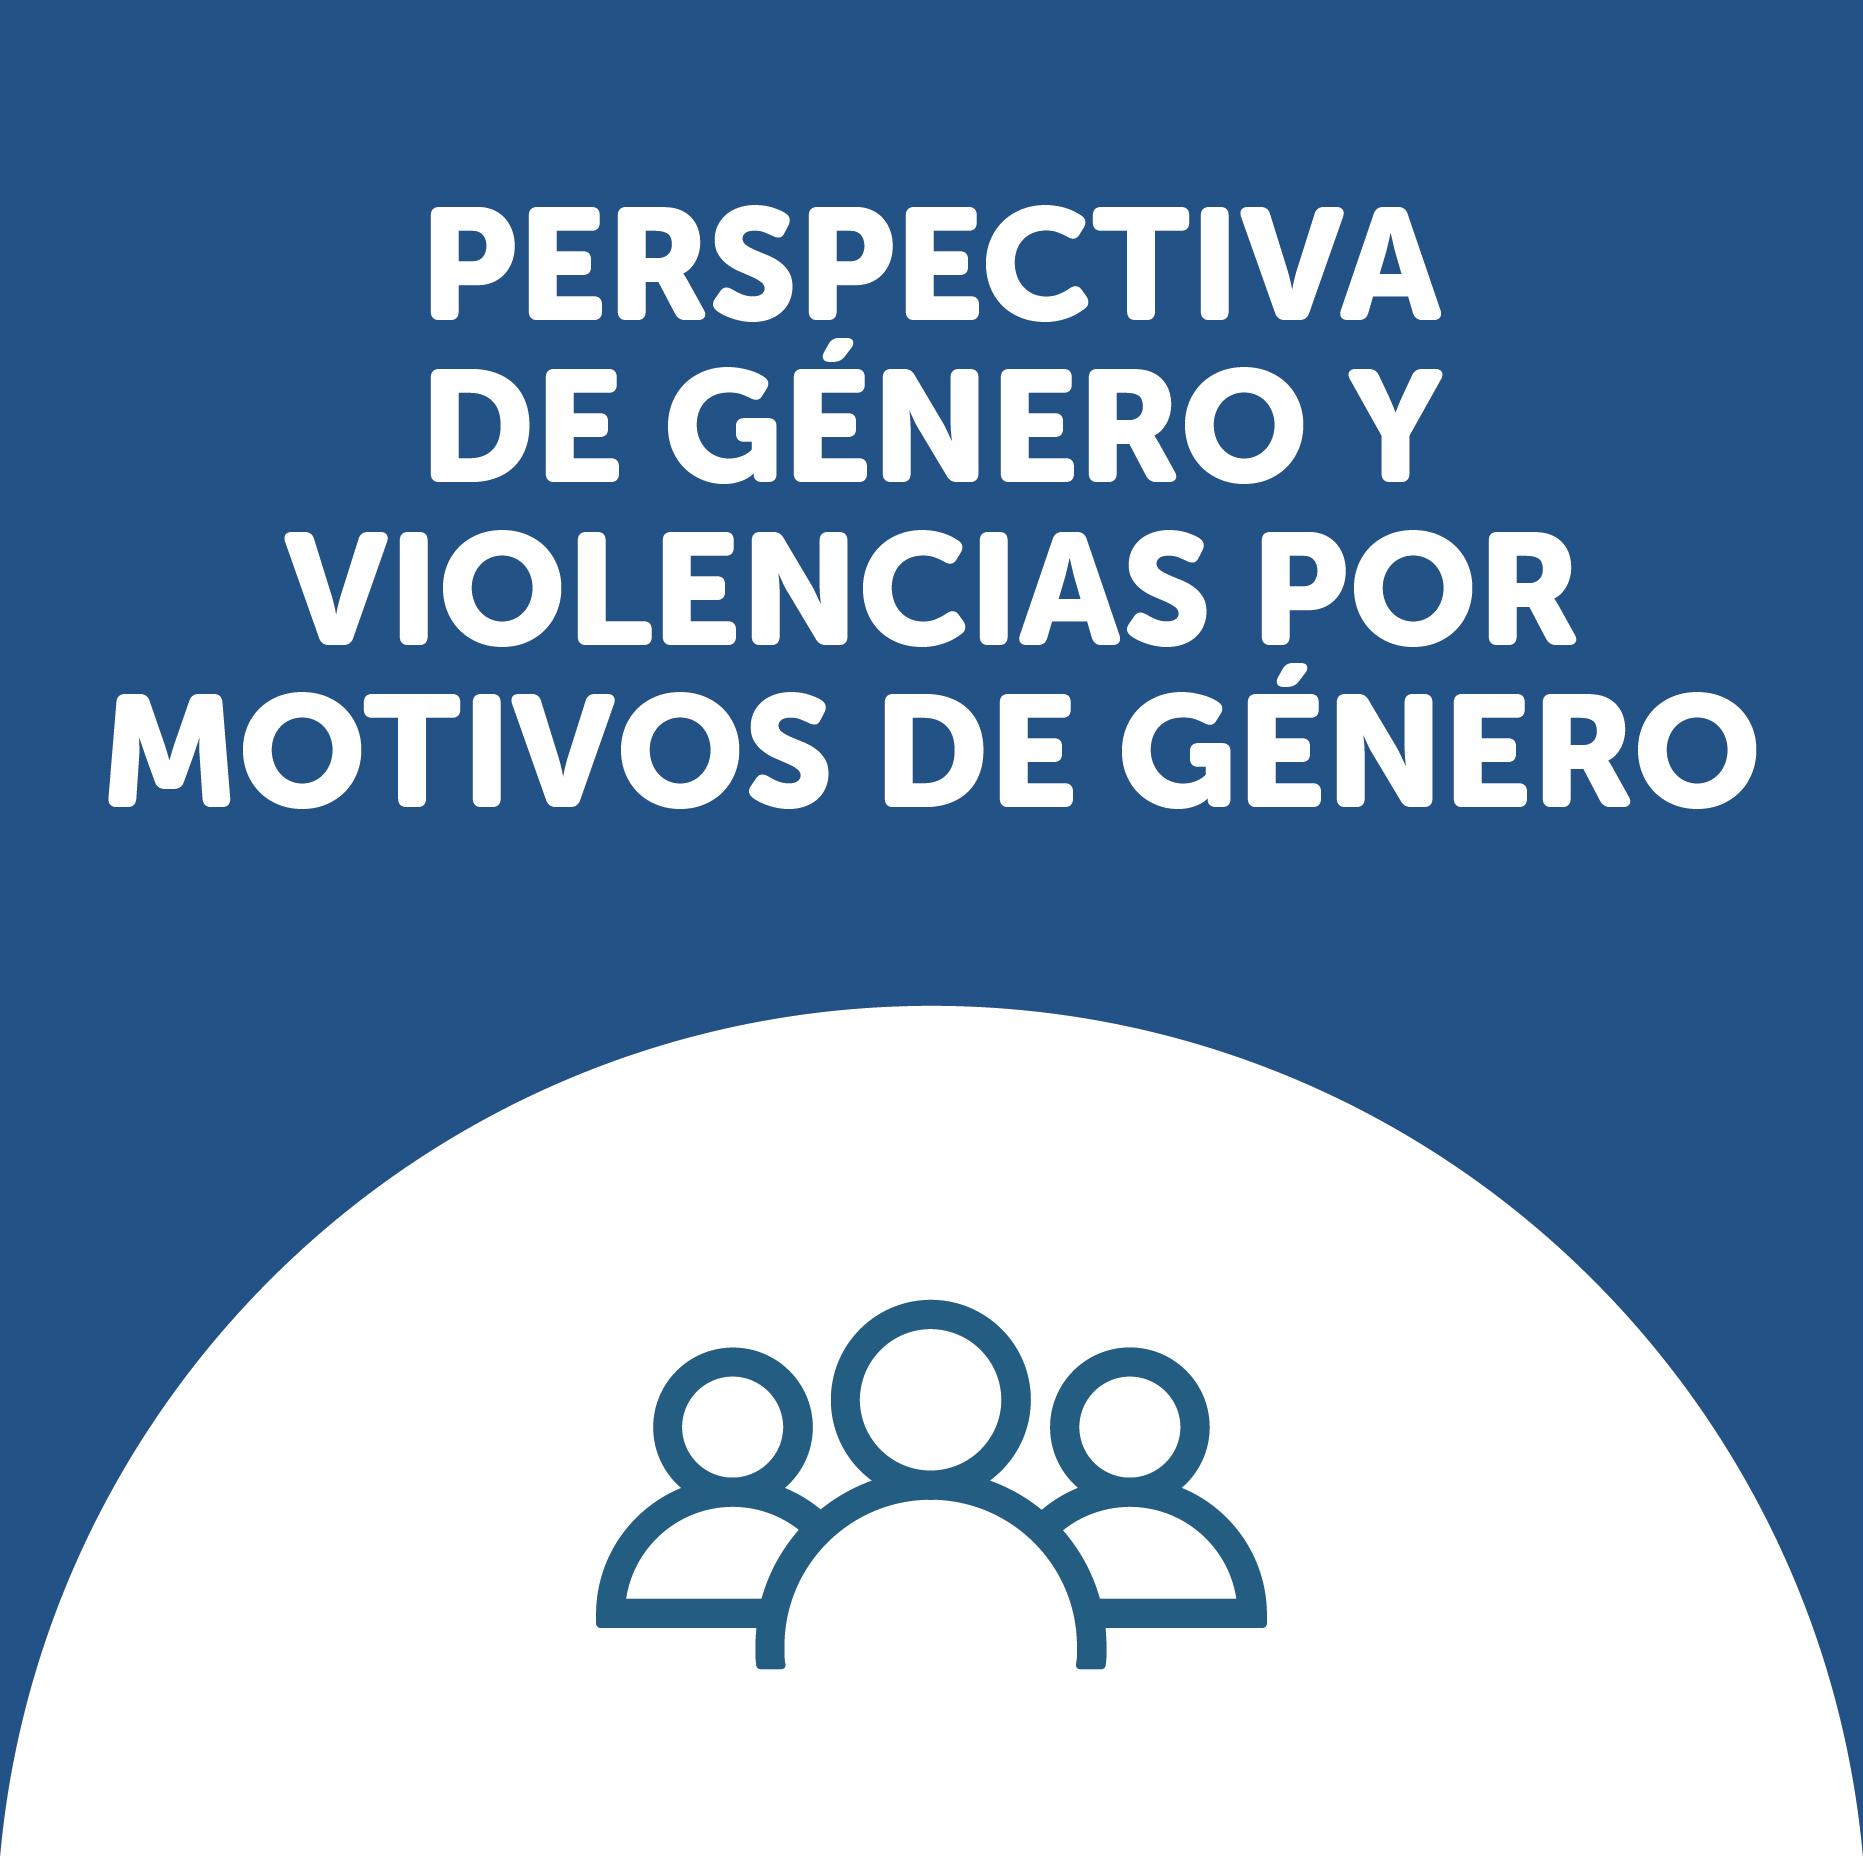 Perspectiva de género y violencias por motivo de género